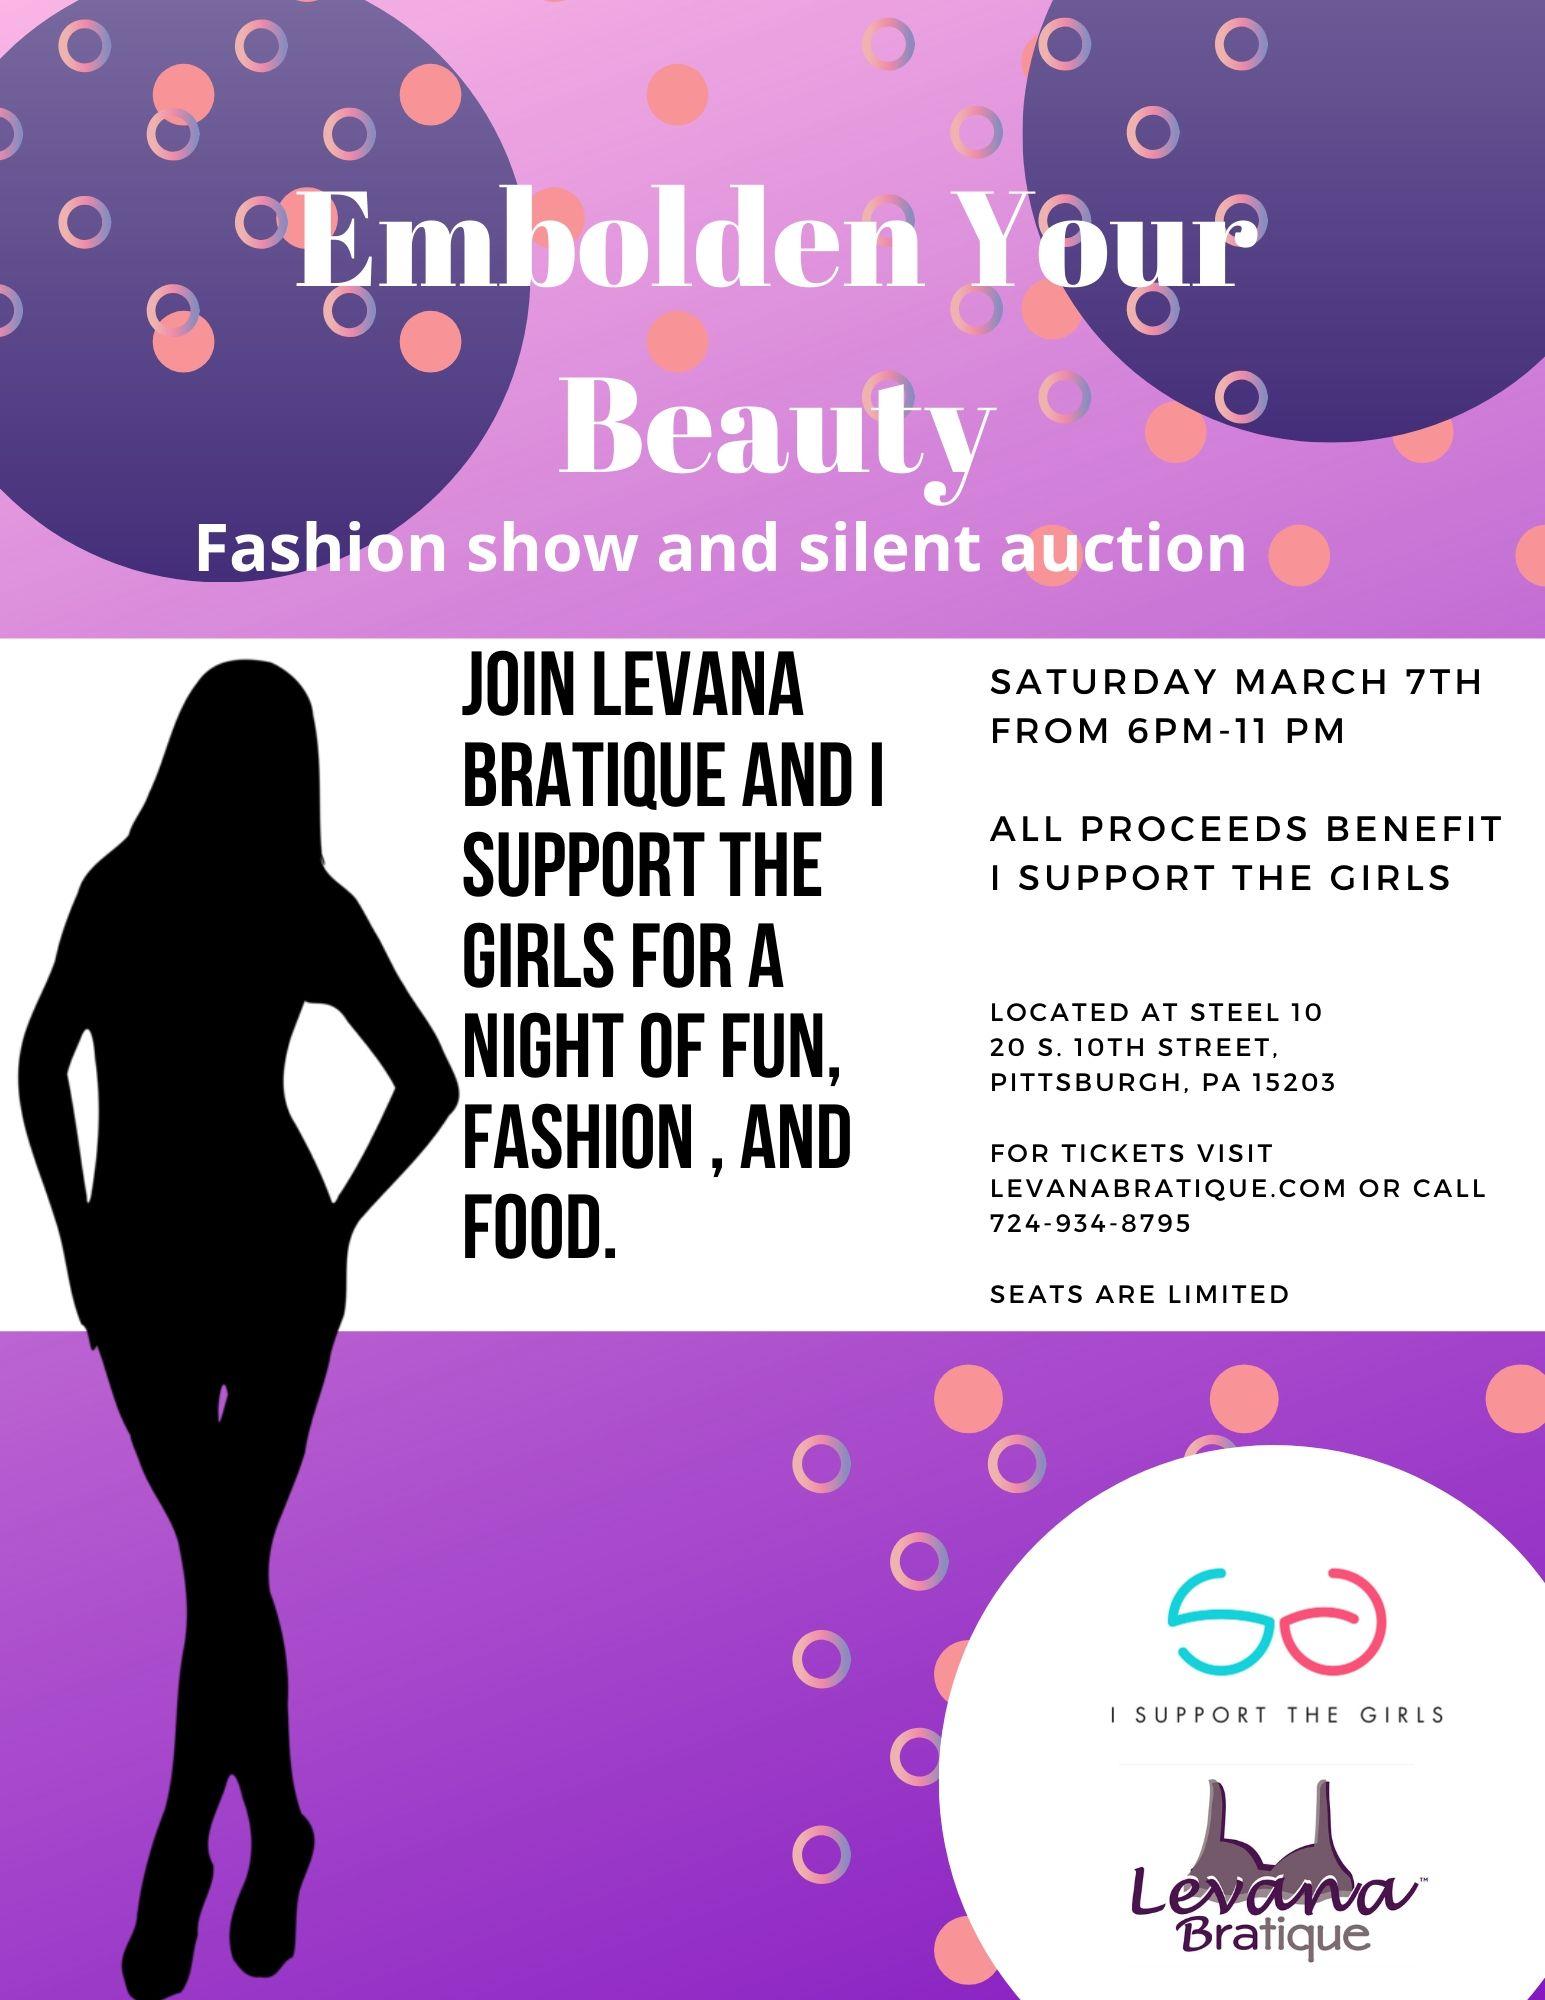 embolden-your-beauty-flyer.jpg